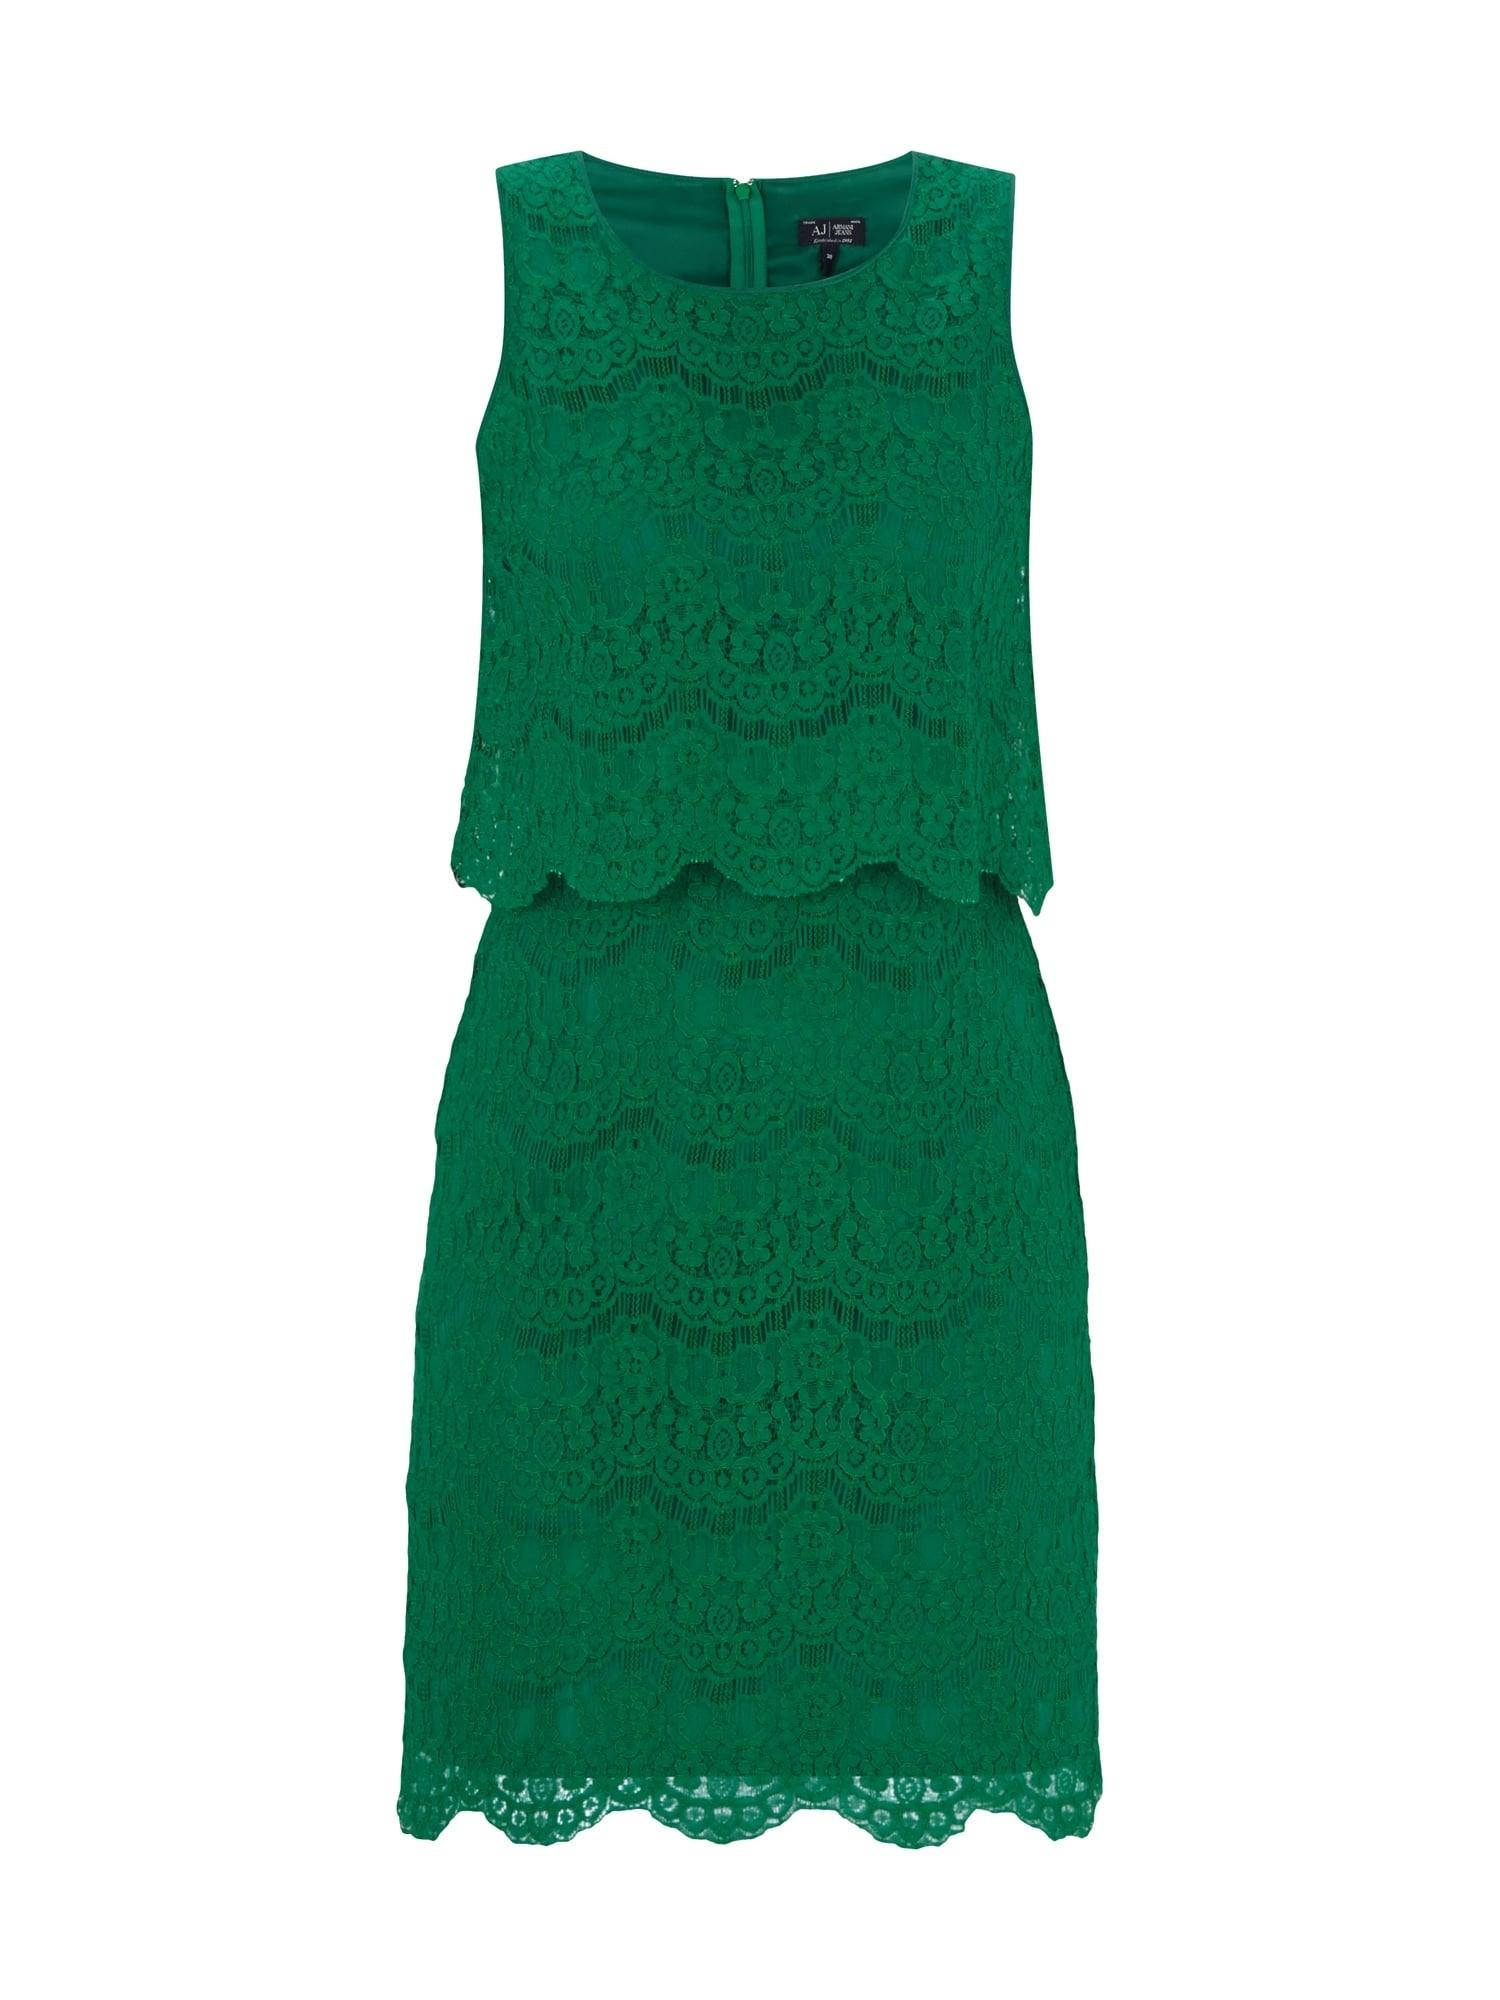 15 Wunderbar Kleider In Grün Design10 Elegant Kleider In Grün Design